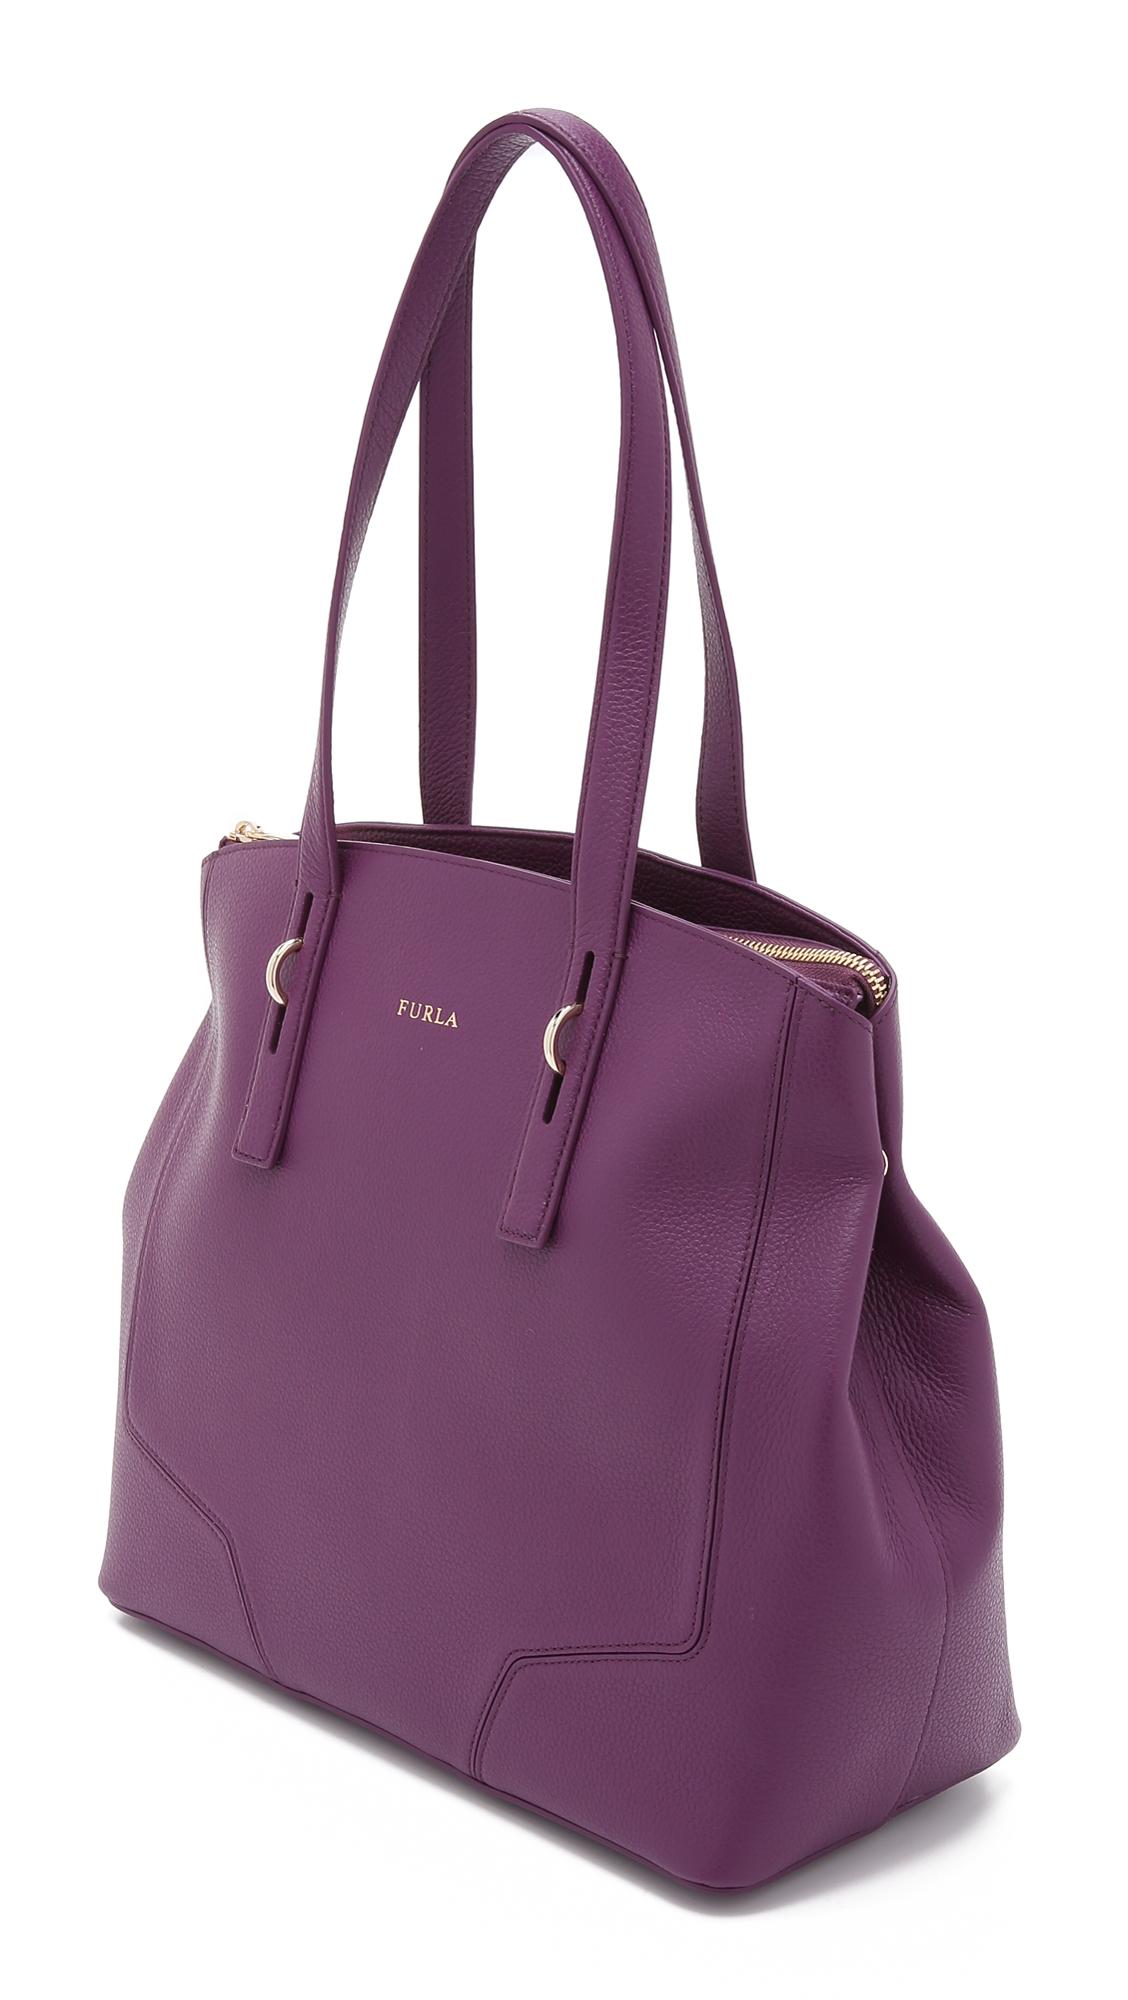 Furla Perla Medium Tote Aubergine In Purple Lyst